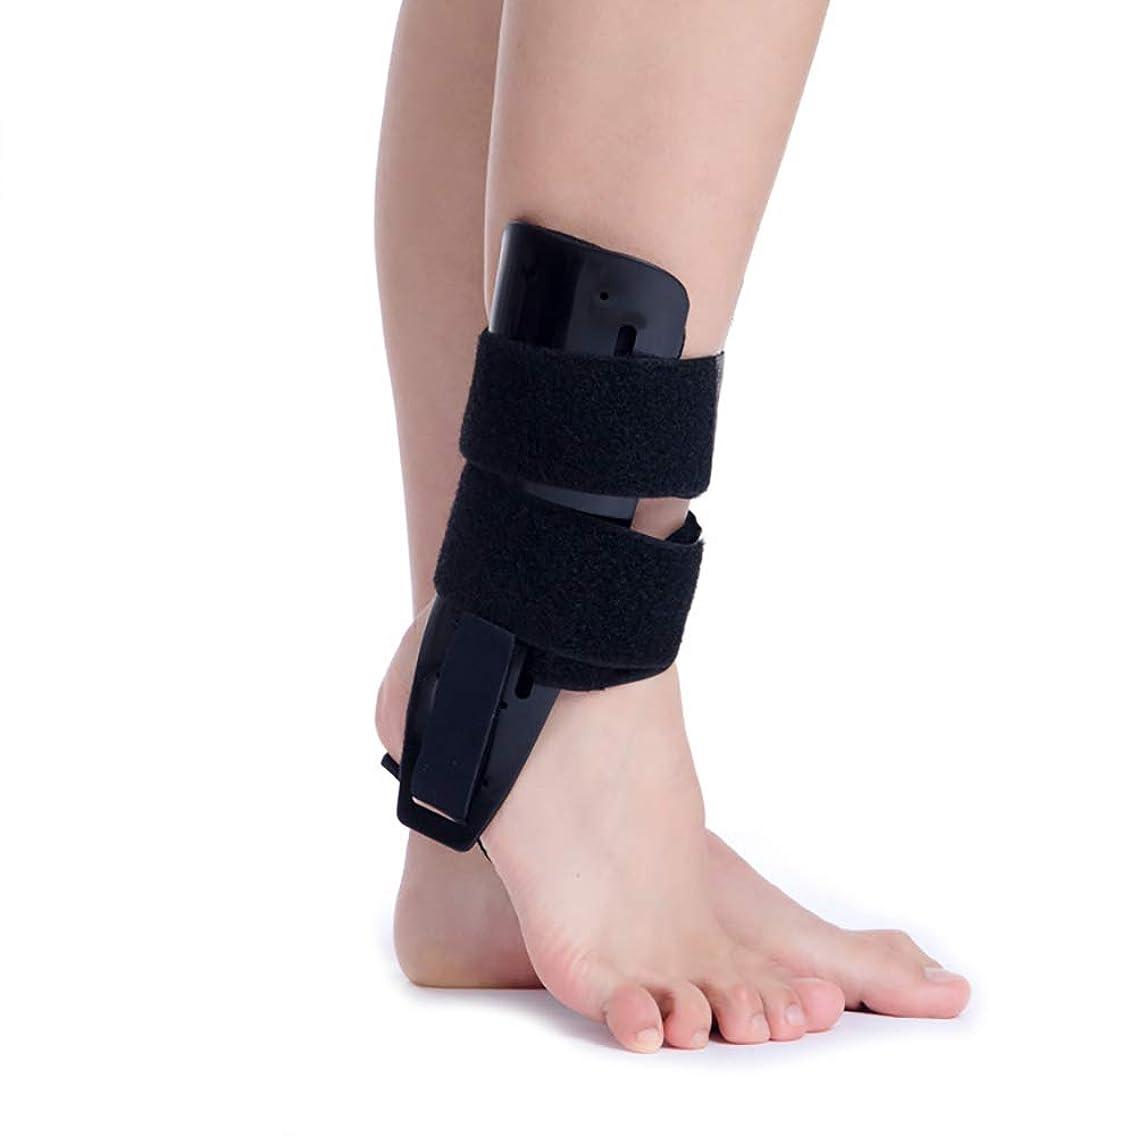 幾何学動かす経歴足底筋膜炎足副木、ドロップフット、かかとの痛みを軽減するための足の袖と背部の副木のアーチ矯正装具ブレース